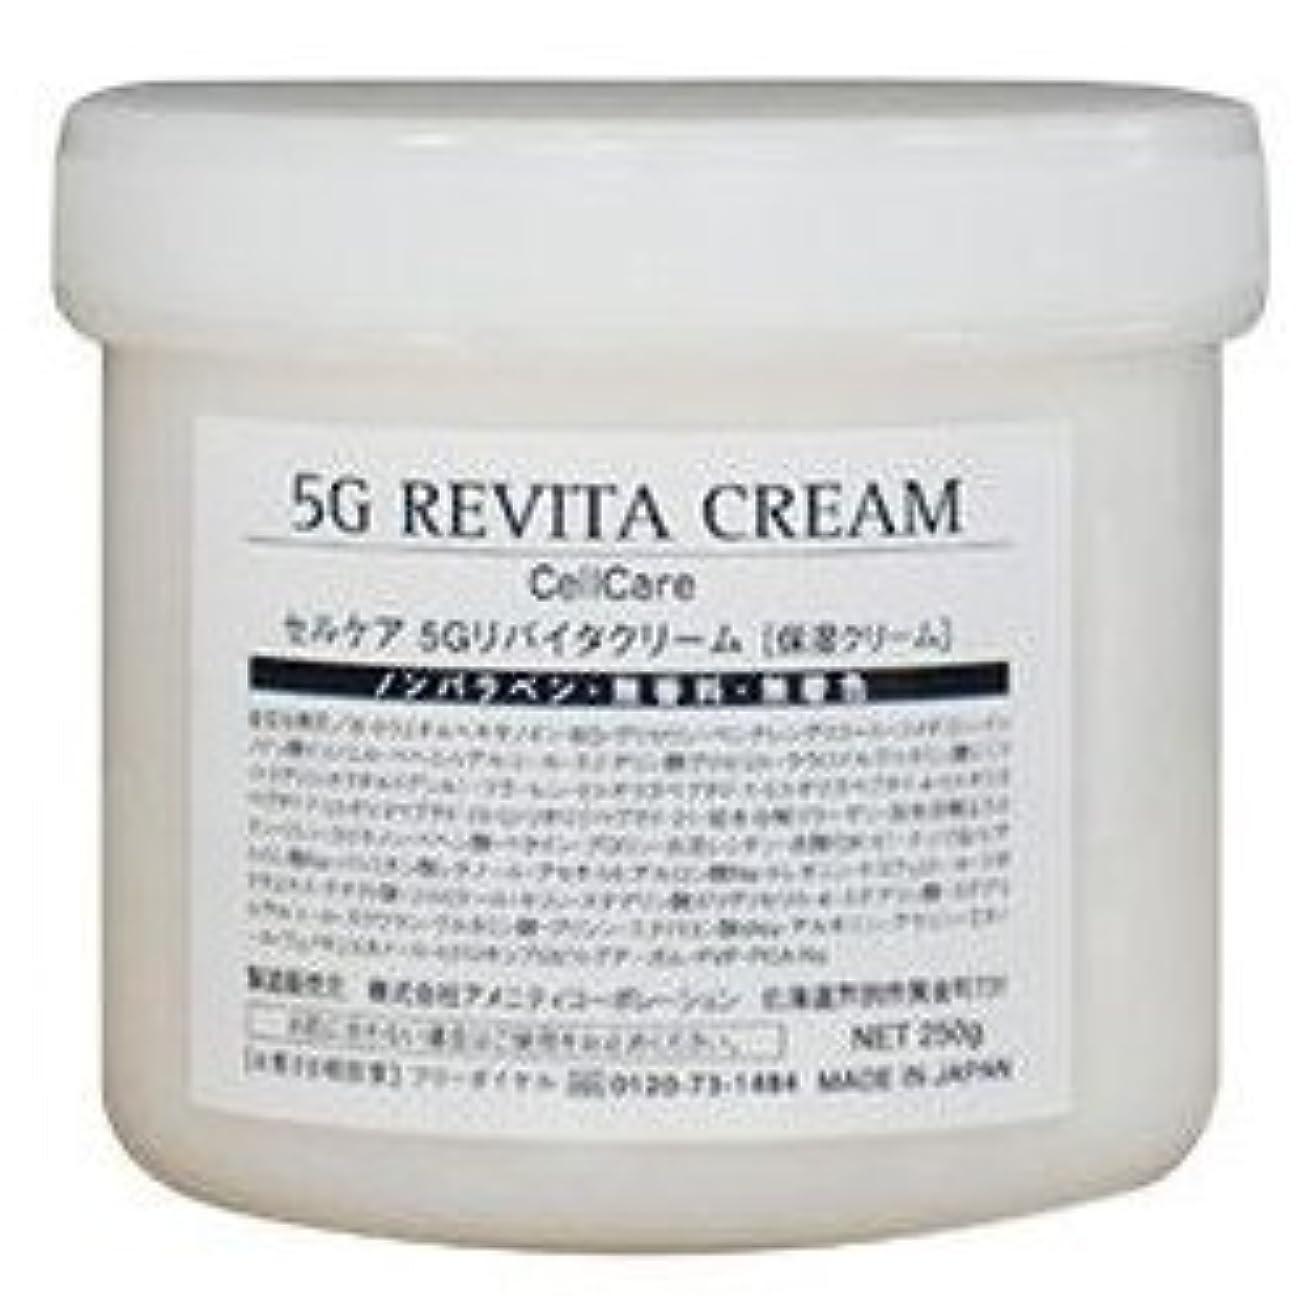 近所の領事館廃棄するセルケアGF プレミアム 5Gリバイタルクリーム 保湿クリーム お徳用250g